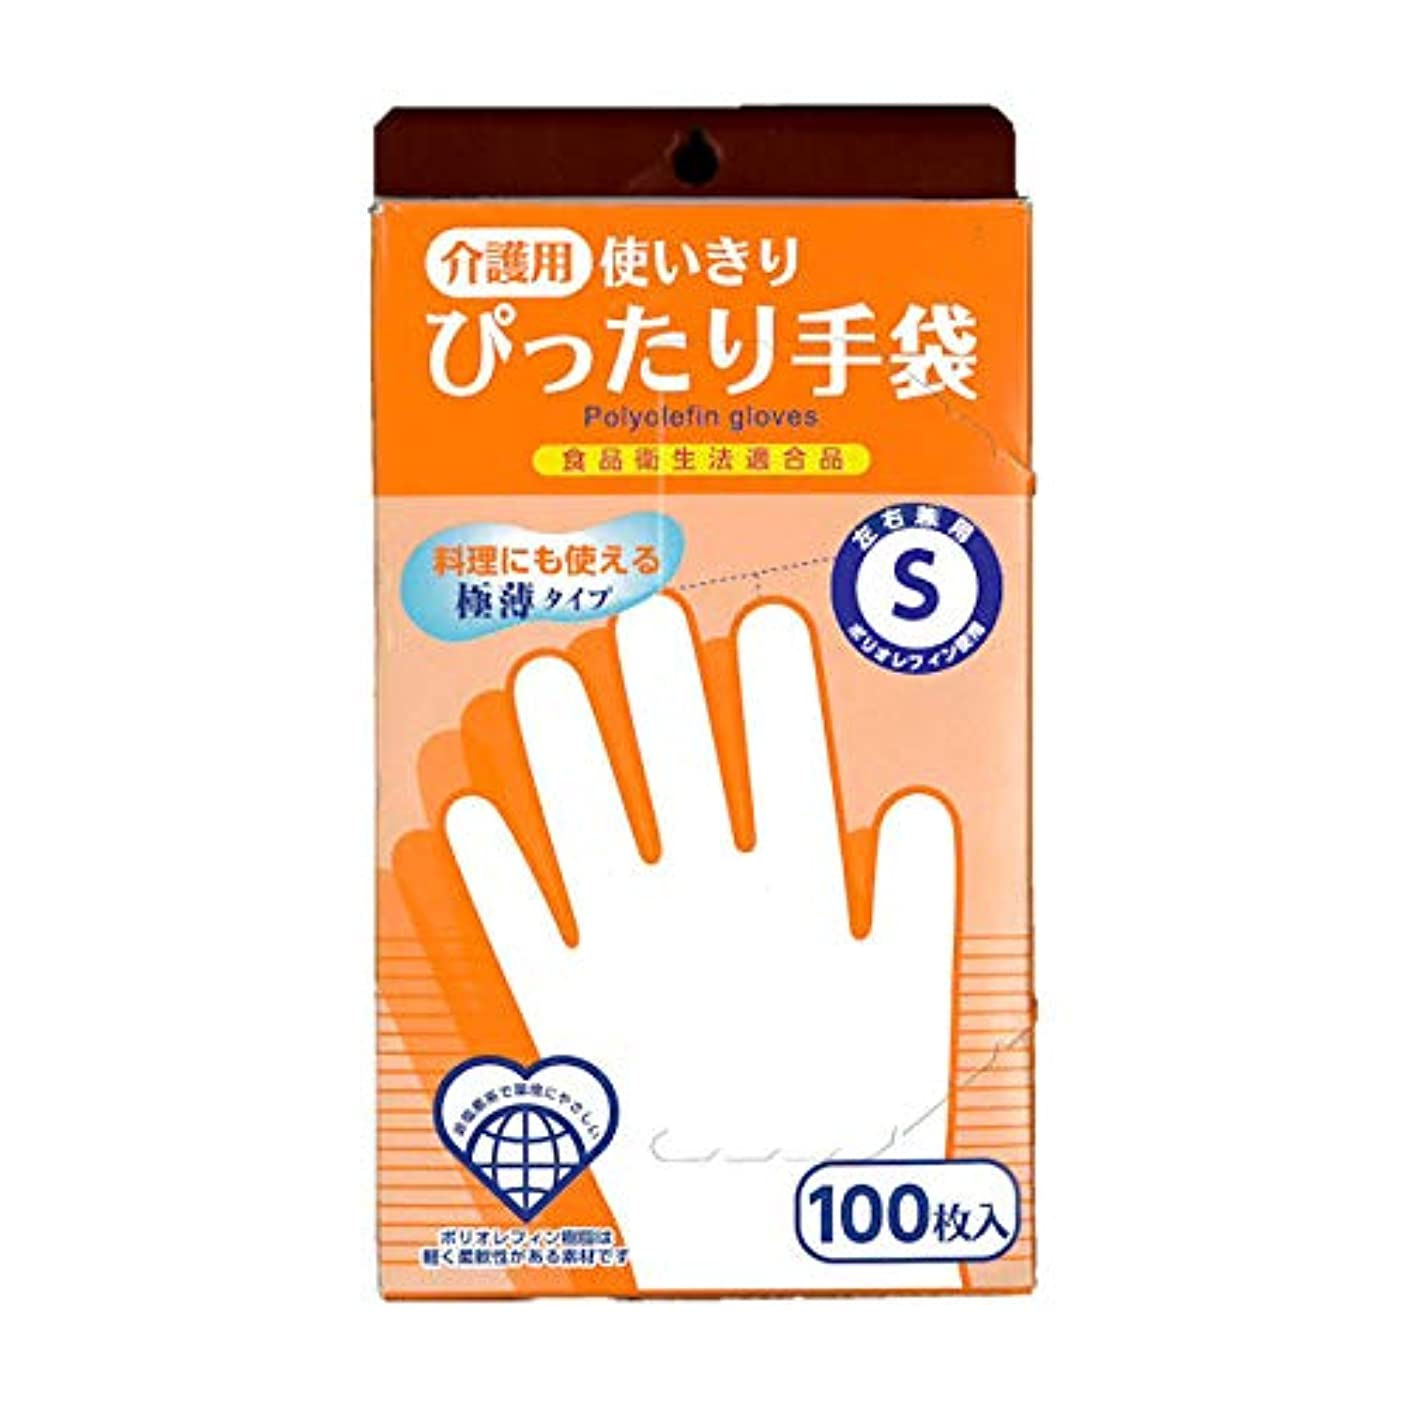 各テロハンディキャップ奥田薬品 介護用 使いきりぴったり手袋 Sサイズ 100枚